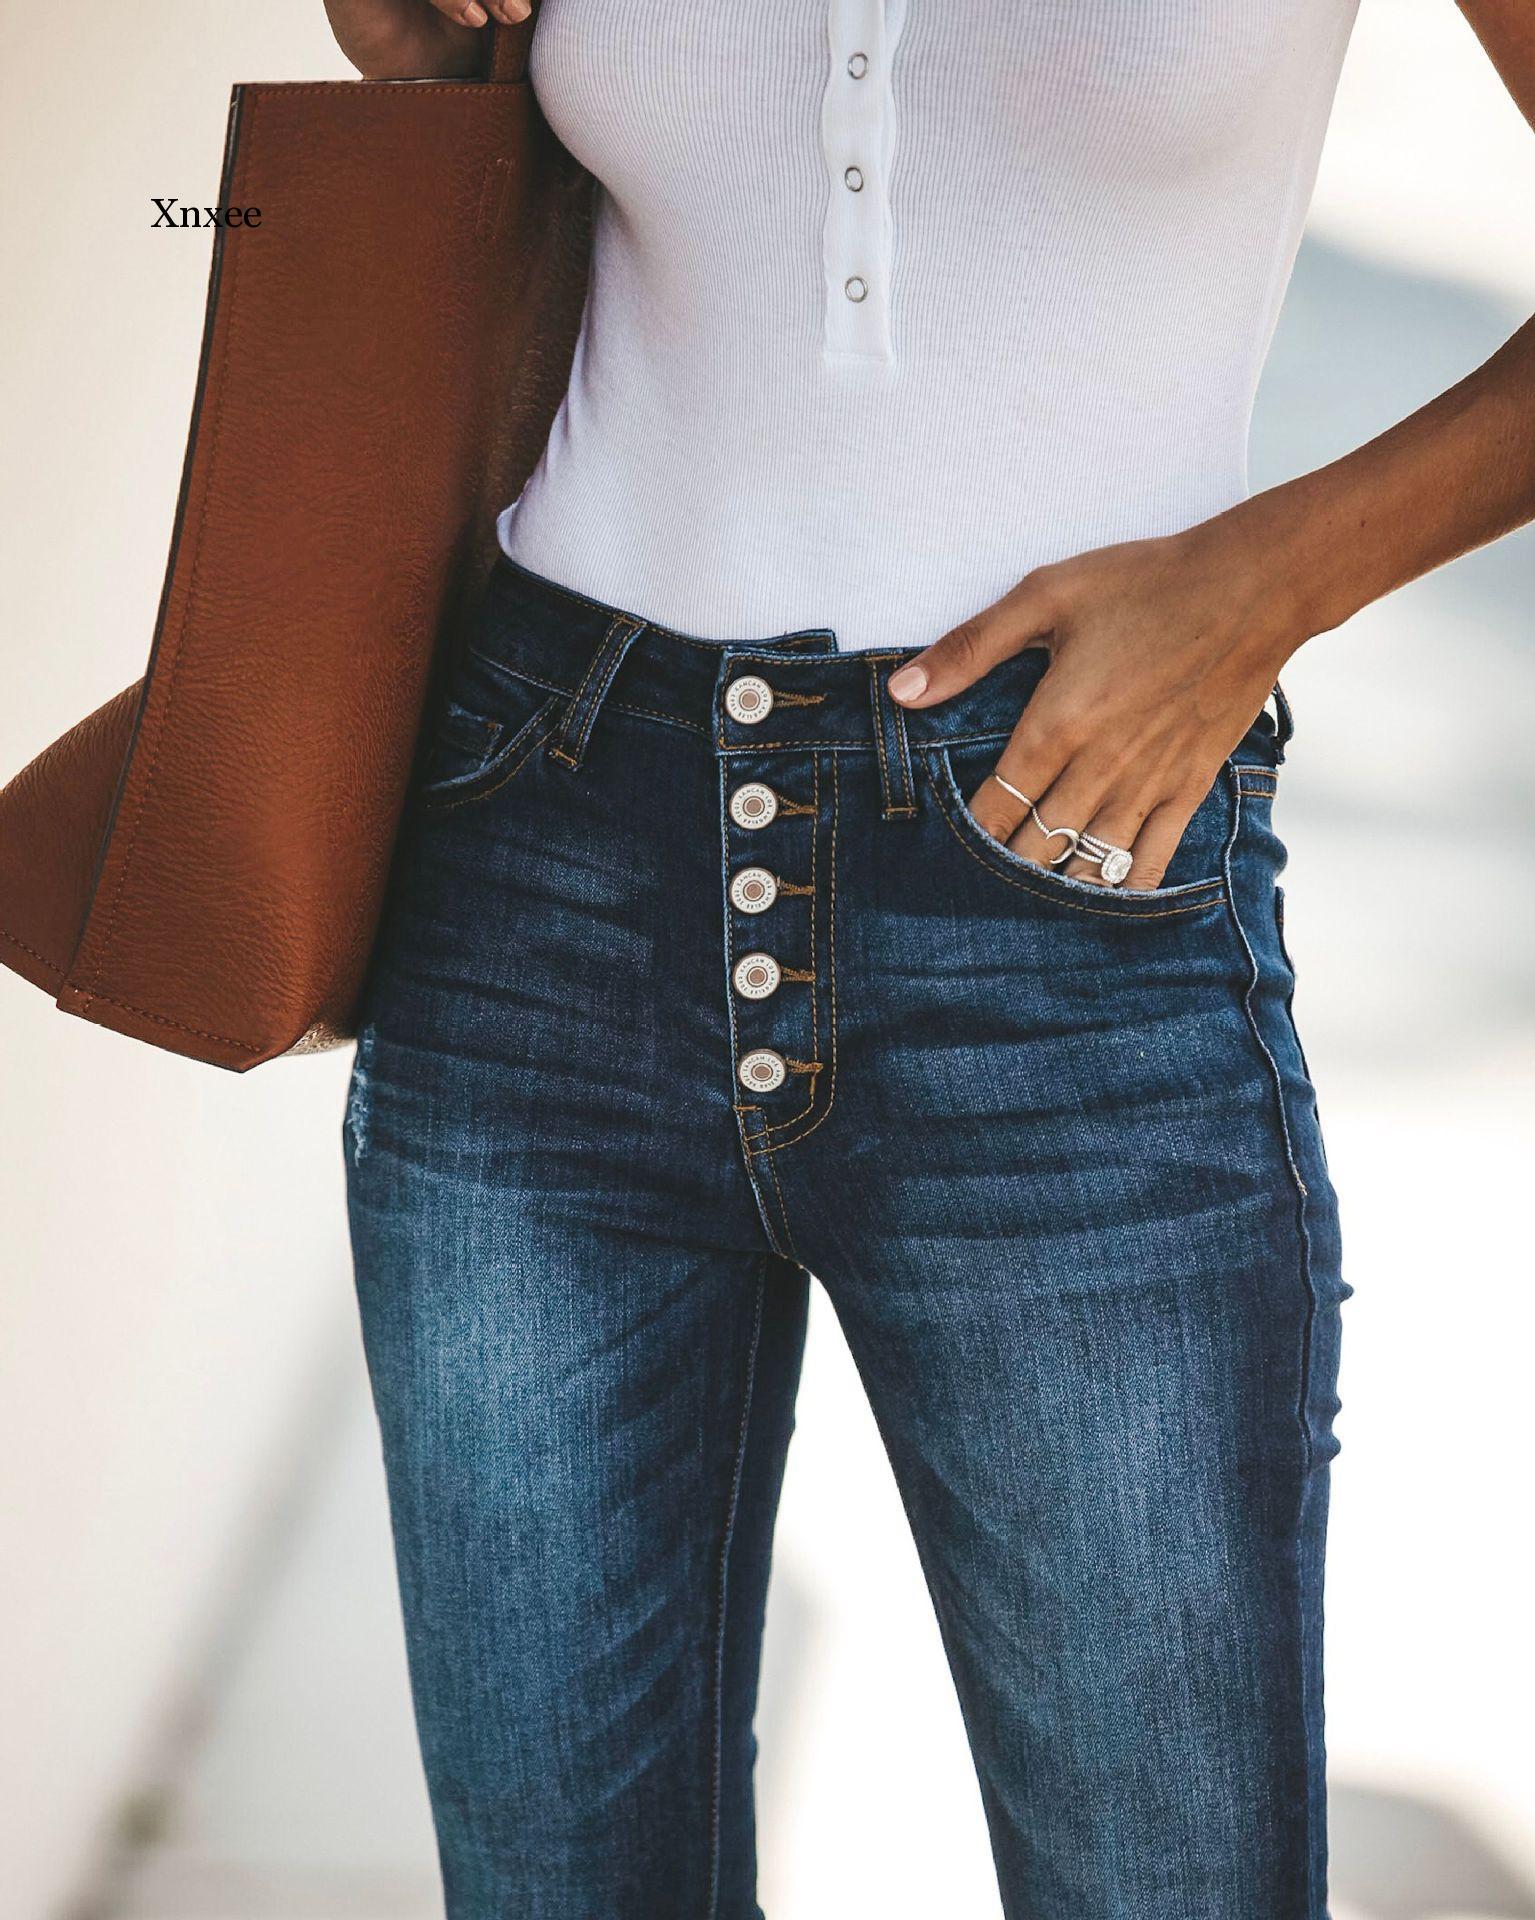 Женские джинсы с завышенной талией, коллекция 2020 года, эластичные женские джинсы с эффектом пуш-ап, узкие джинсы, женские классические джинс...